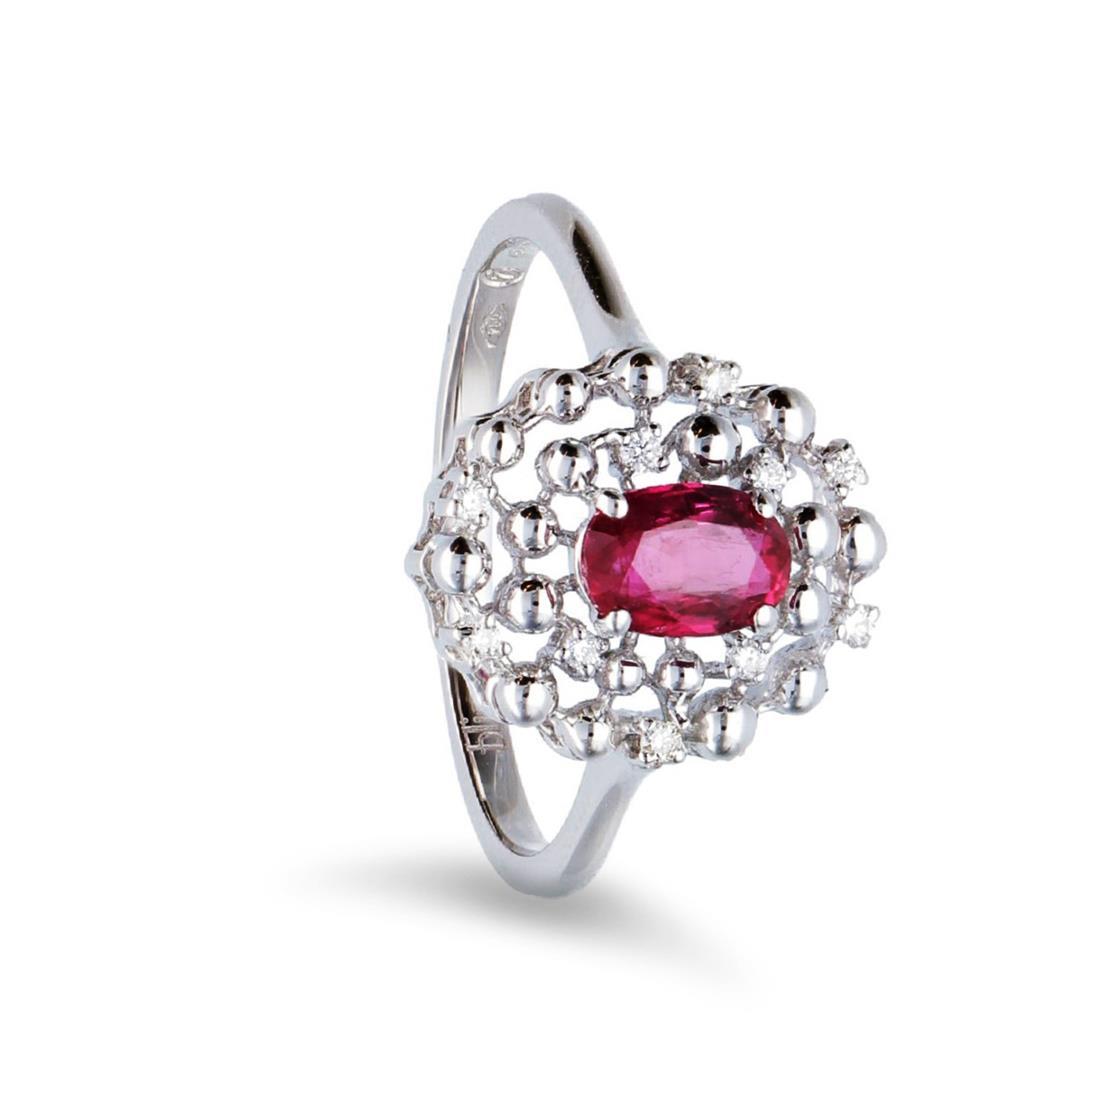 Anello con diamanti e rubino - BLISS